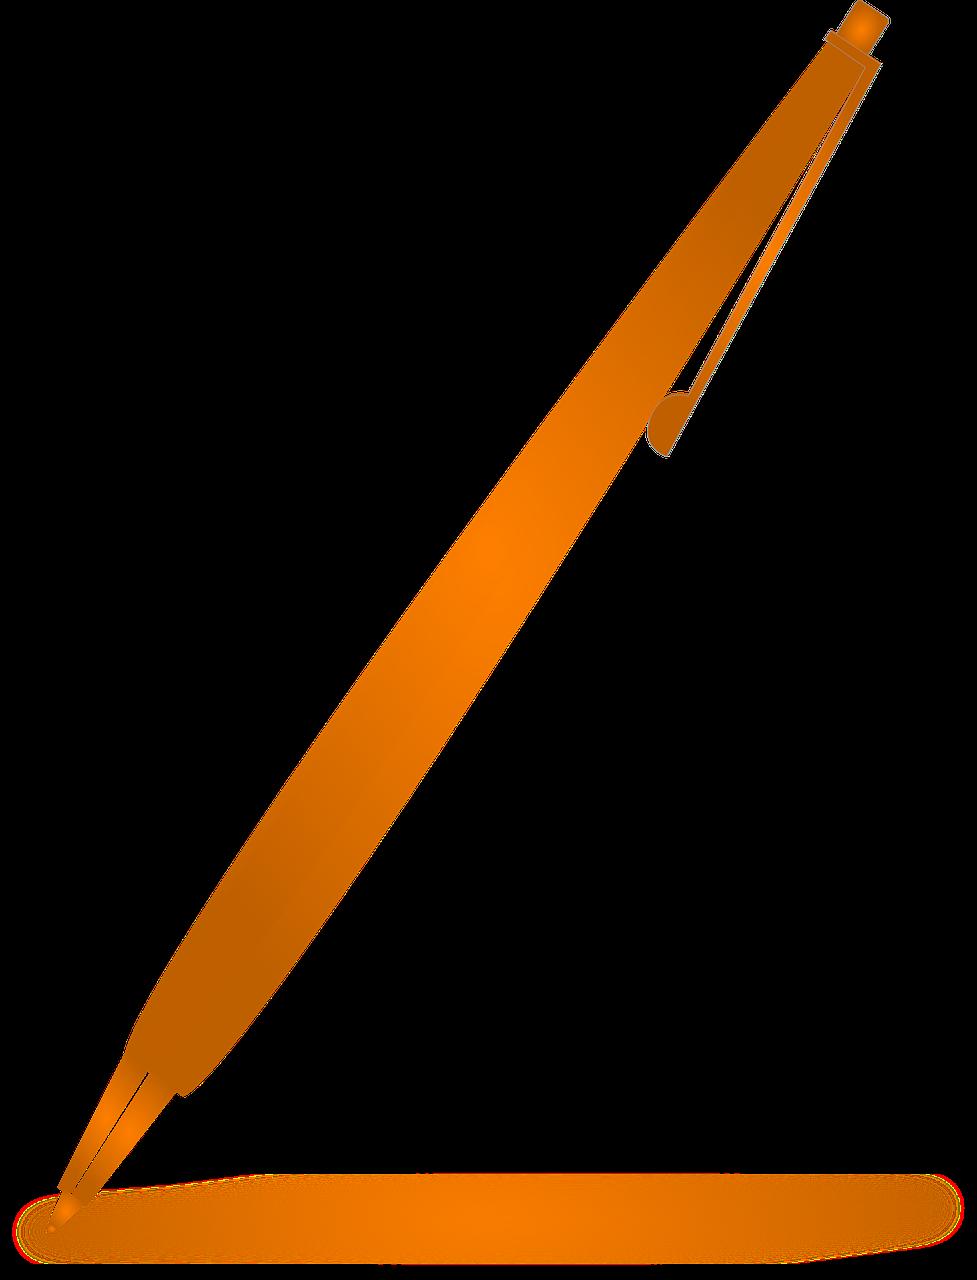 Clipart pencil pen. Orange write note png